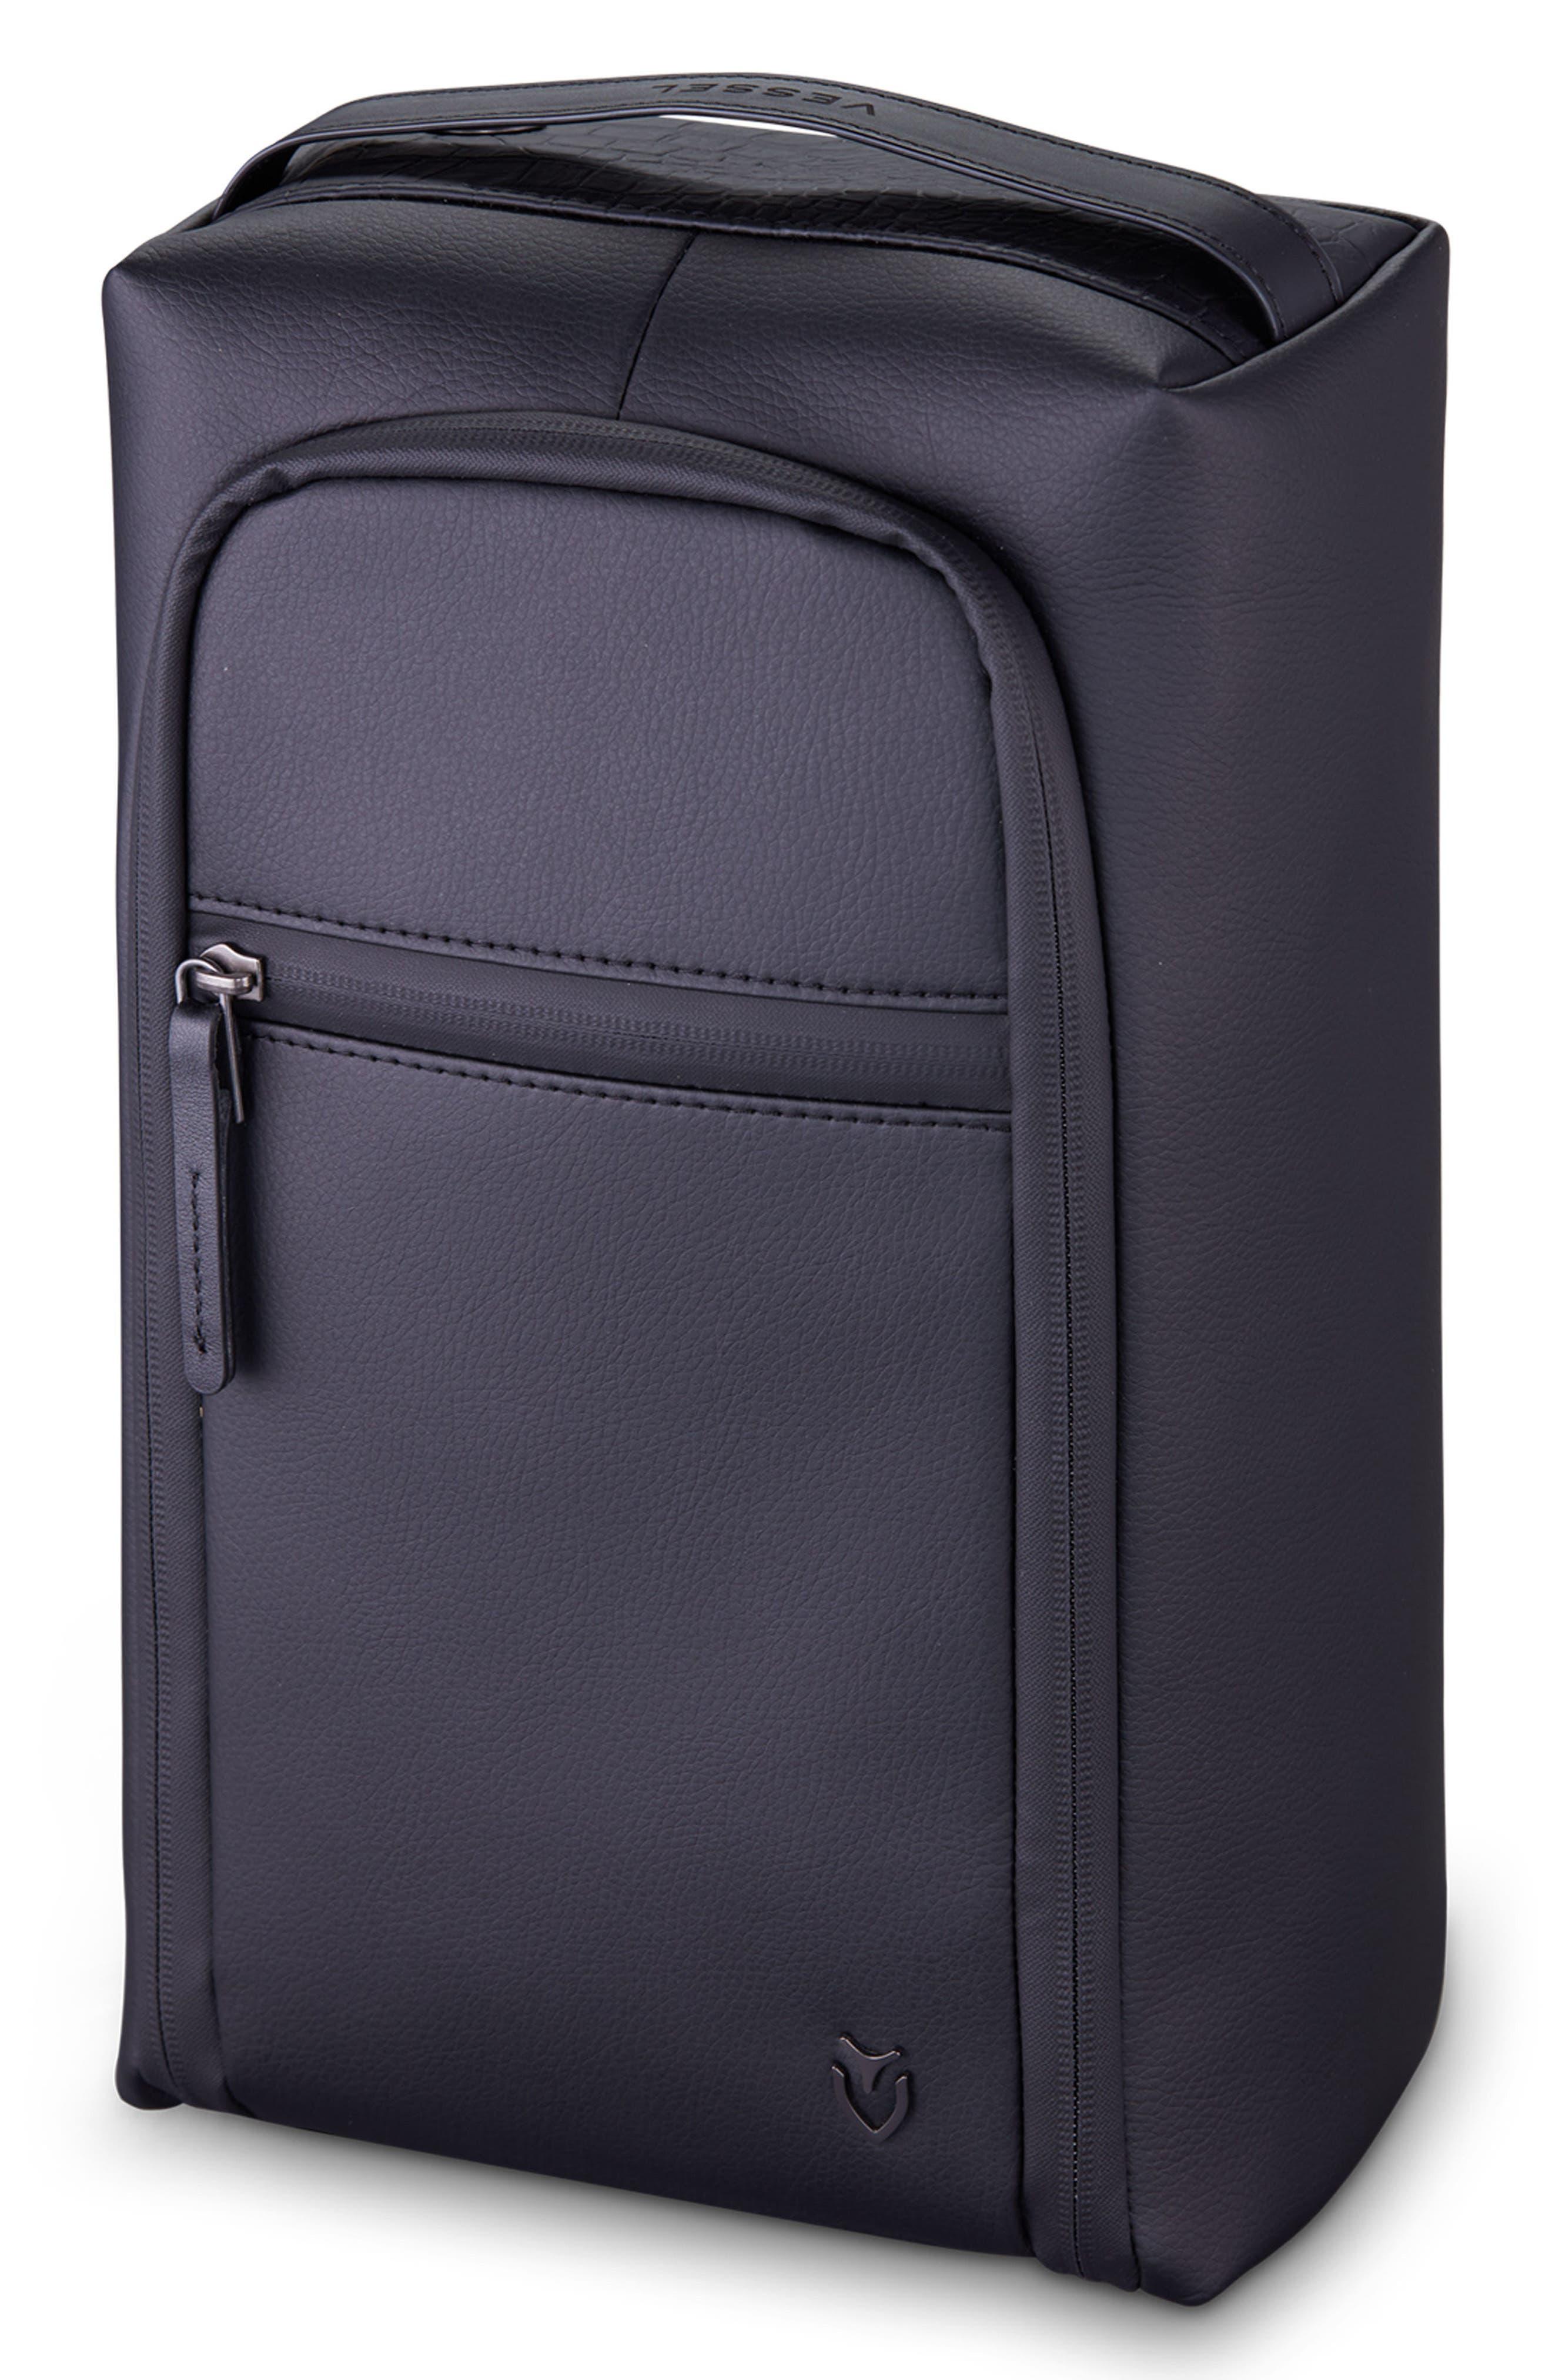 Signature 2.0 Faux Leather Shoe Bag,                             Main thumbnail 1, color,                             PEBBLED/ CROC BLACK